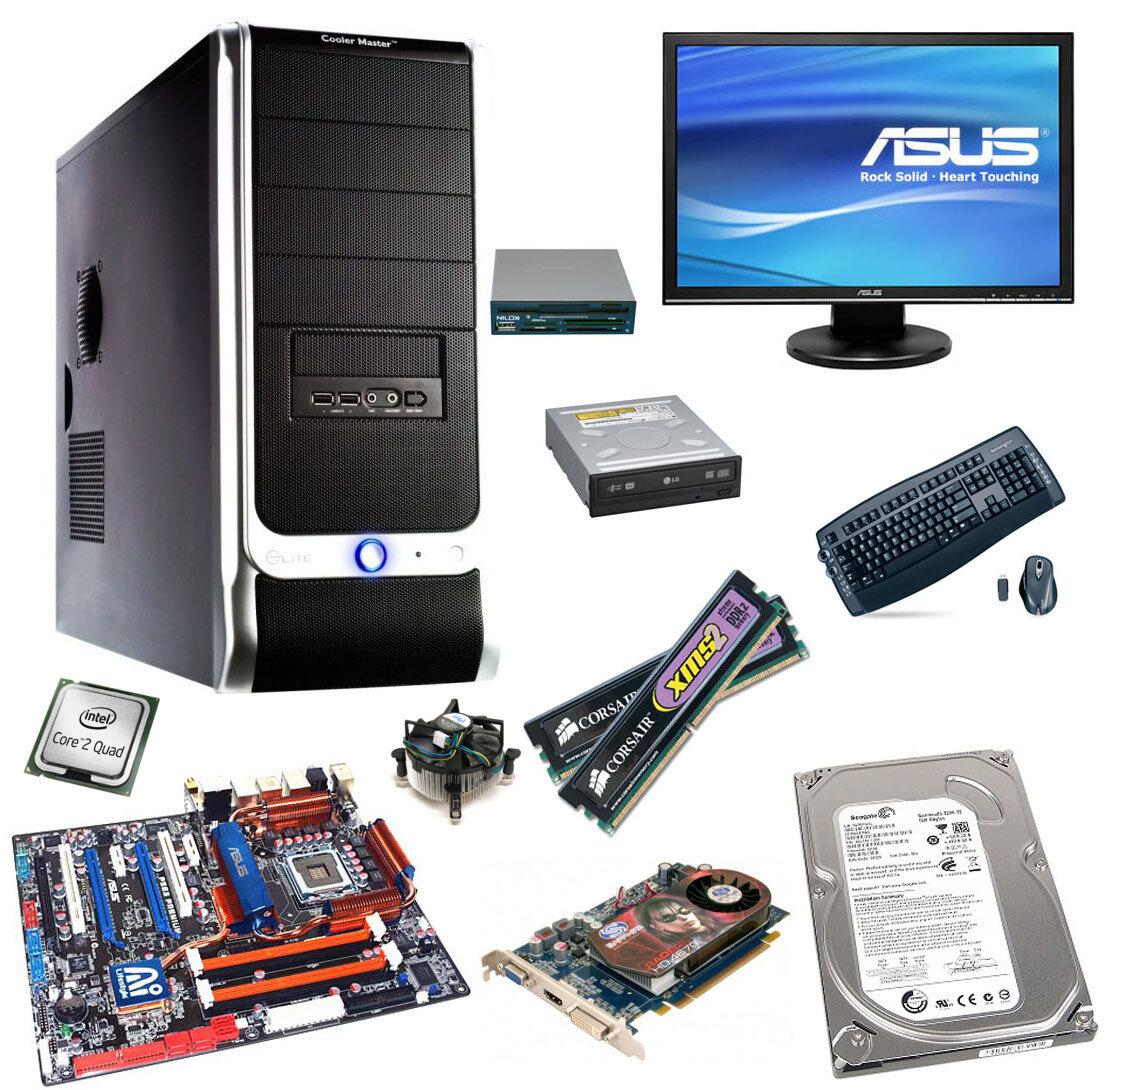 Компьютерное комплектующие в картинках